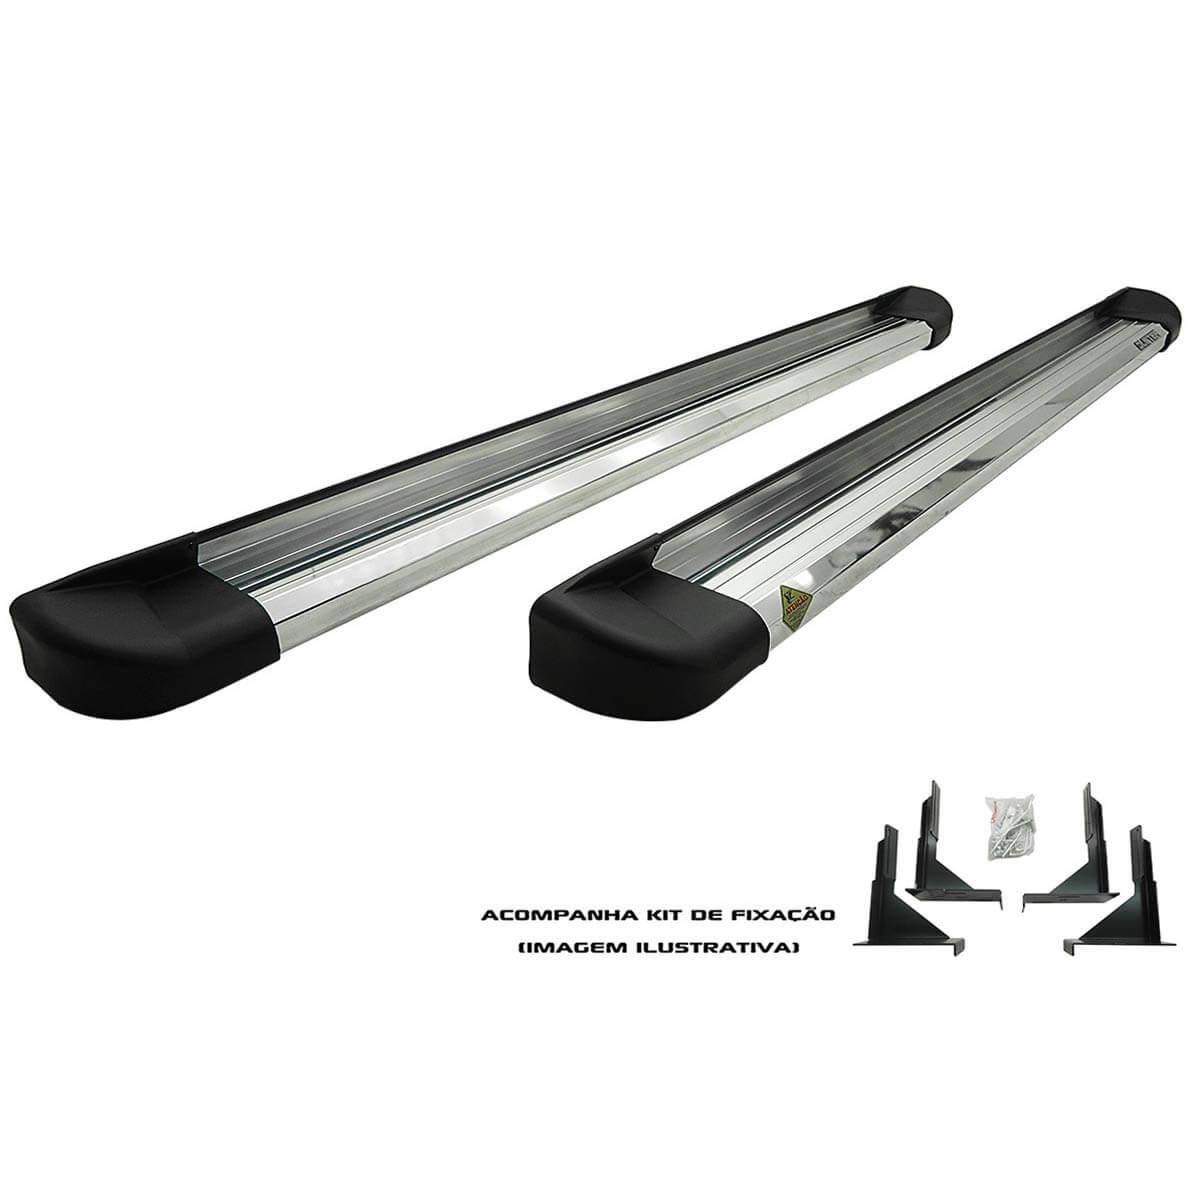 Estribo plataforma alumínio Amarok cabine dupla 2011 a 2017